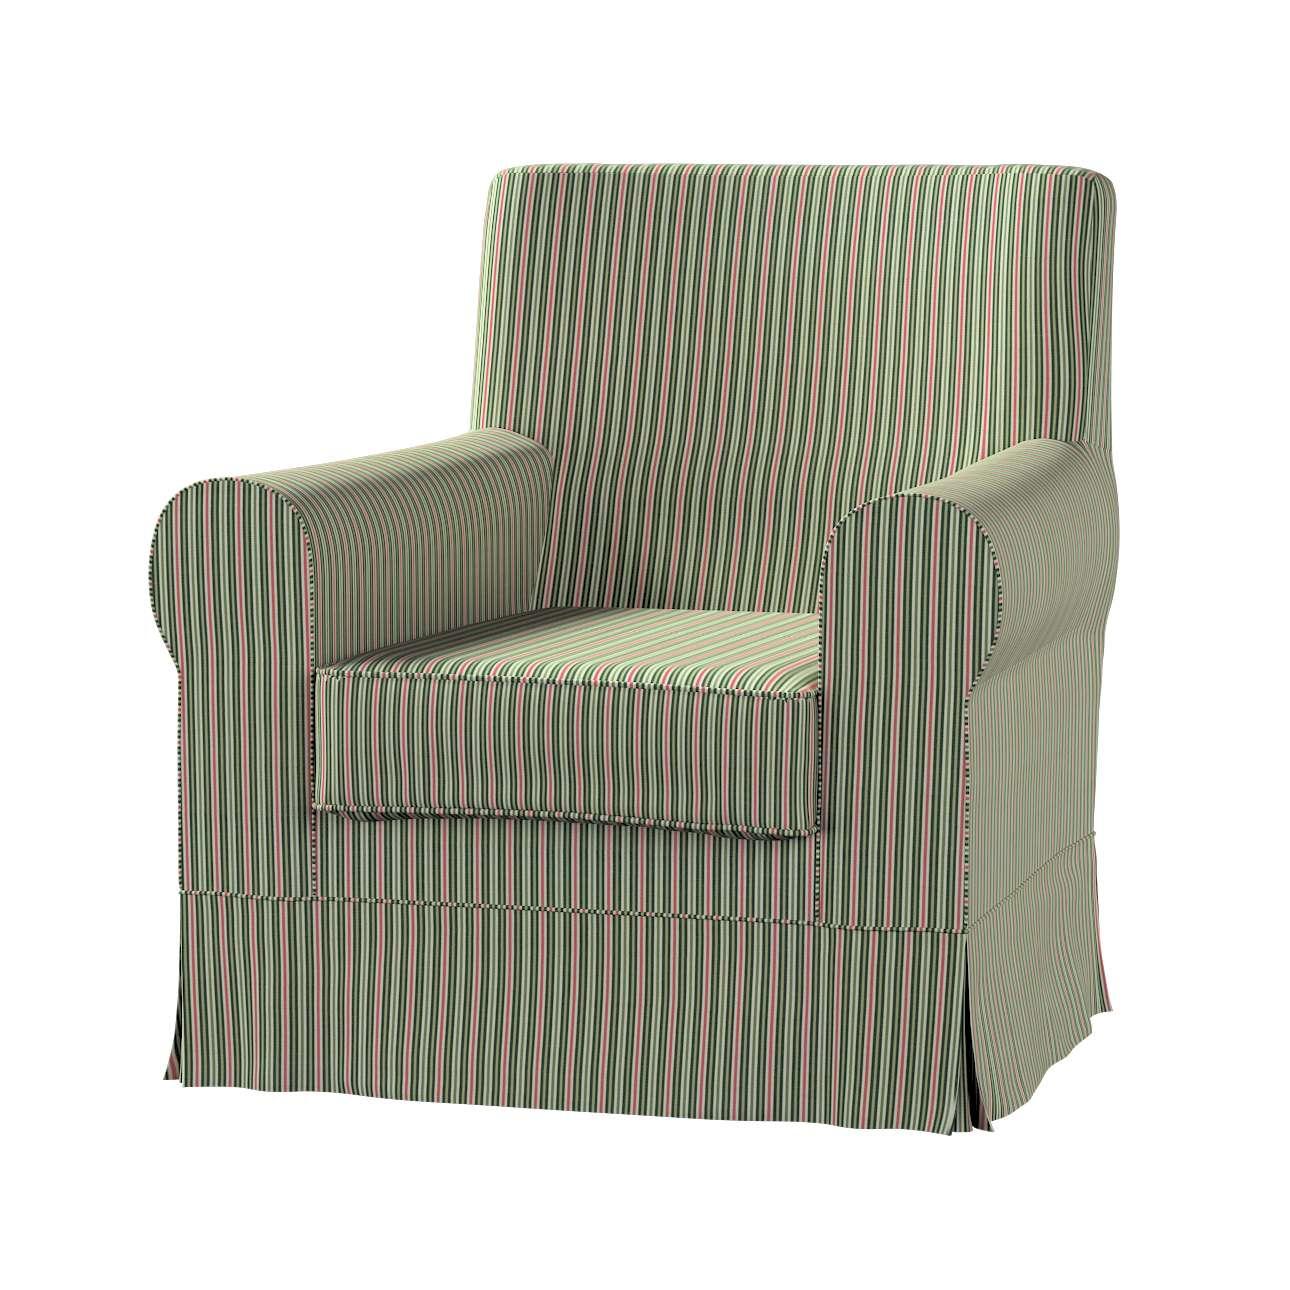 Pokrowiec na fotel Ektorp Jennylund w kolekcji Londres, tkanina: 143-42